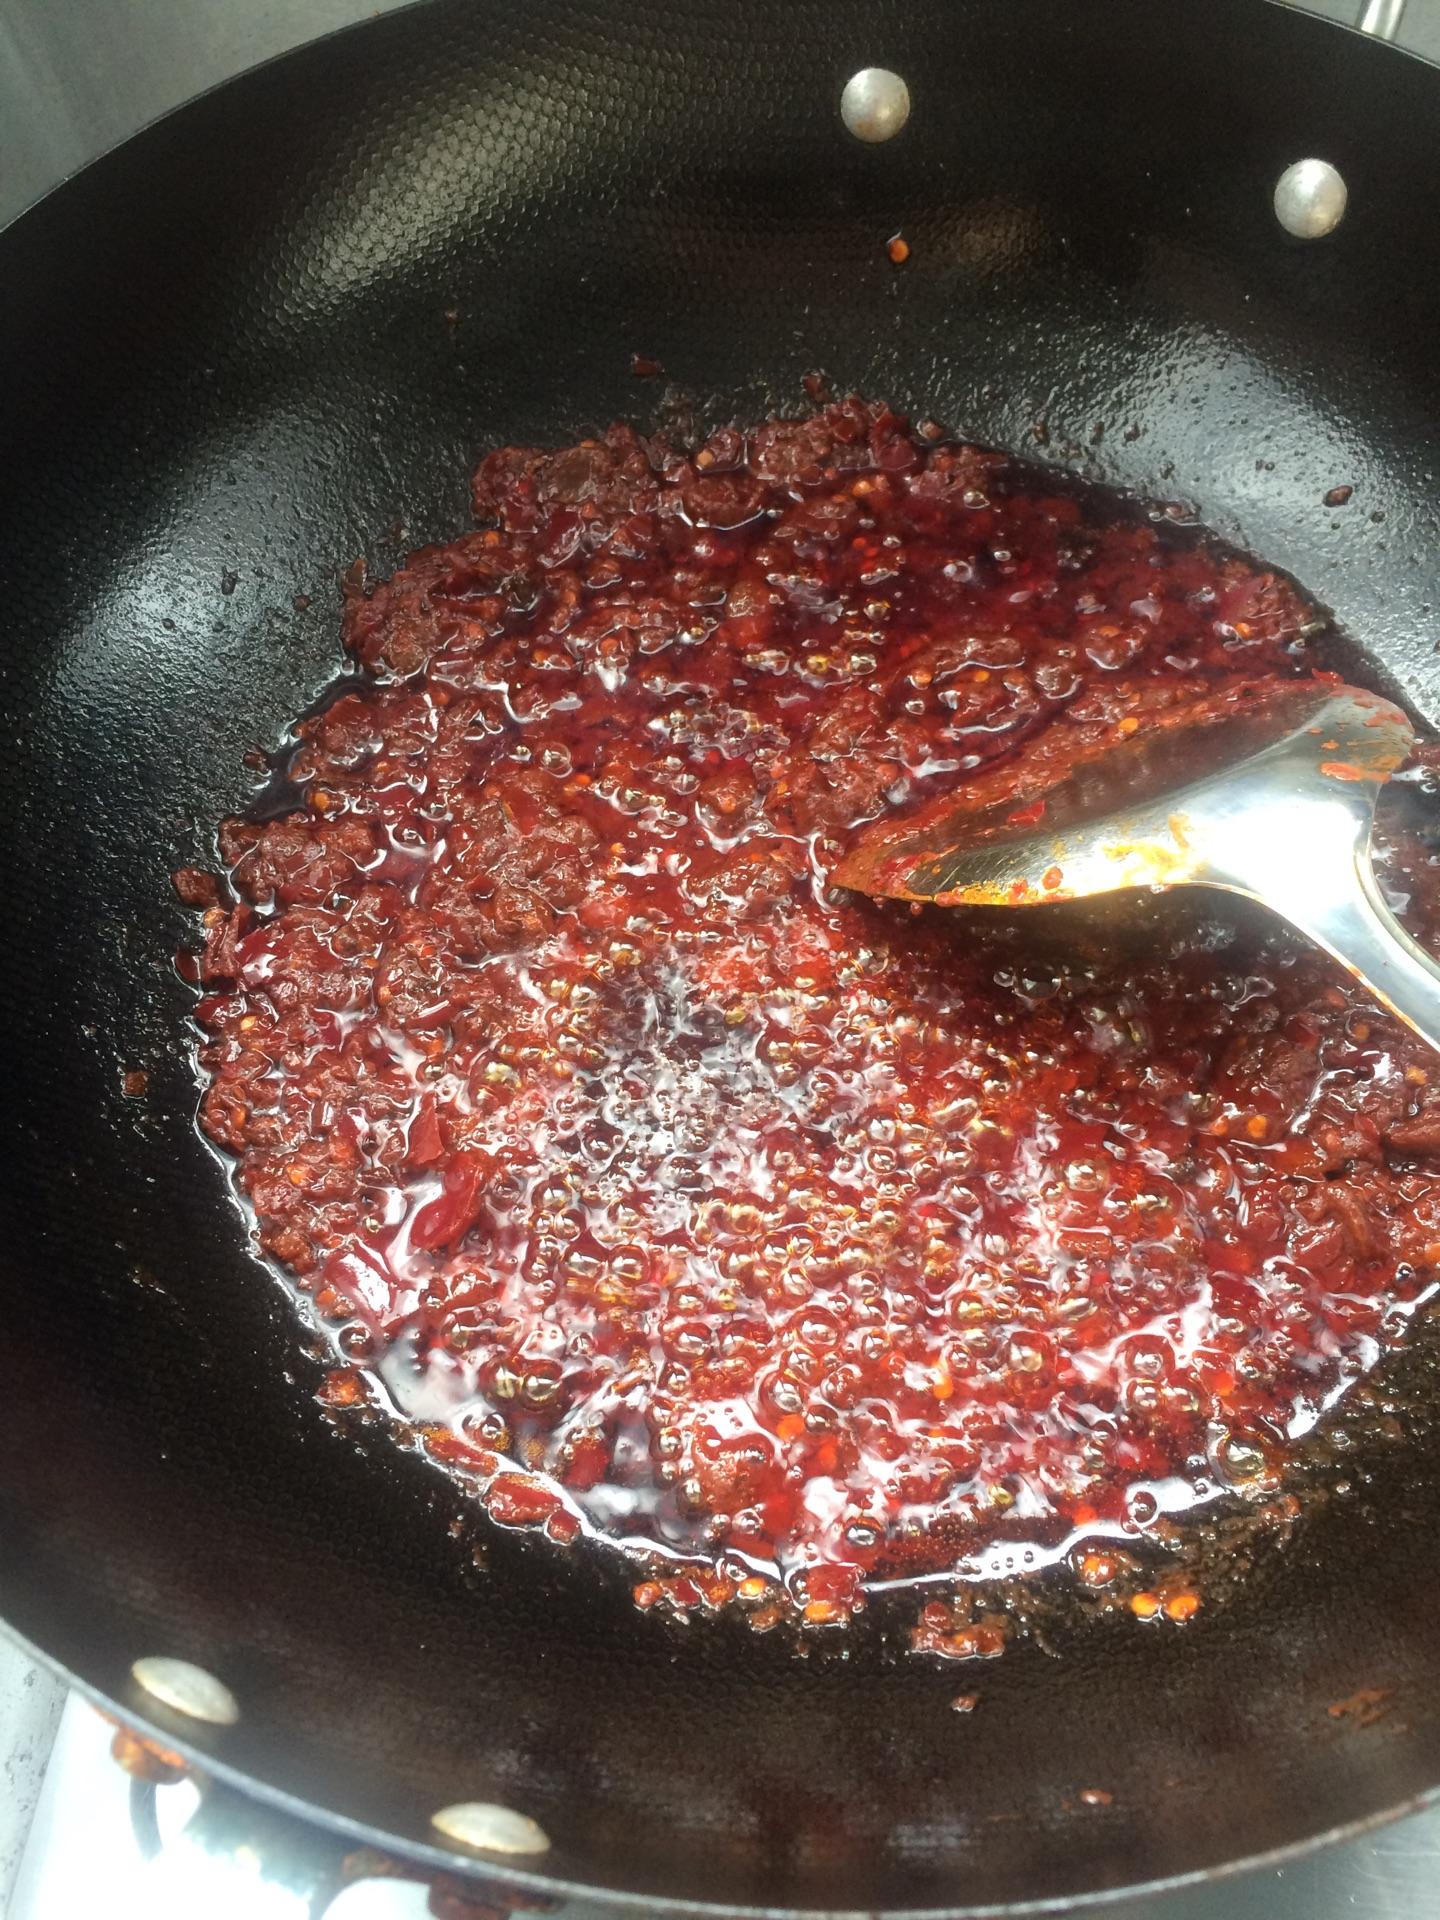 豆角炸好捞出来,锅里留油,放入豆瓣酱,小火炒香面条香料西红柿青椒怎么做豆腐卤图片